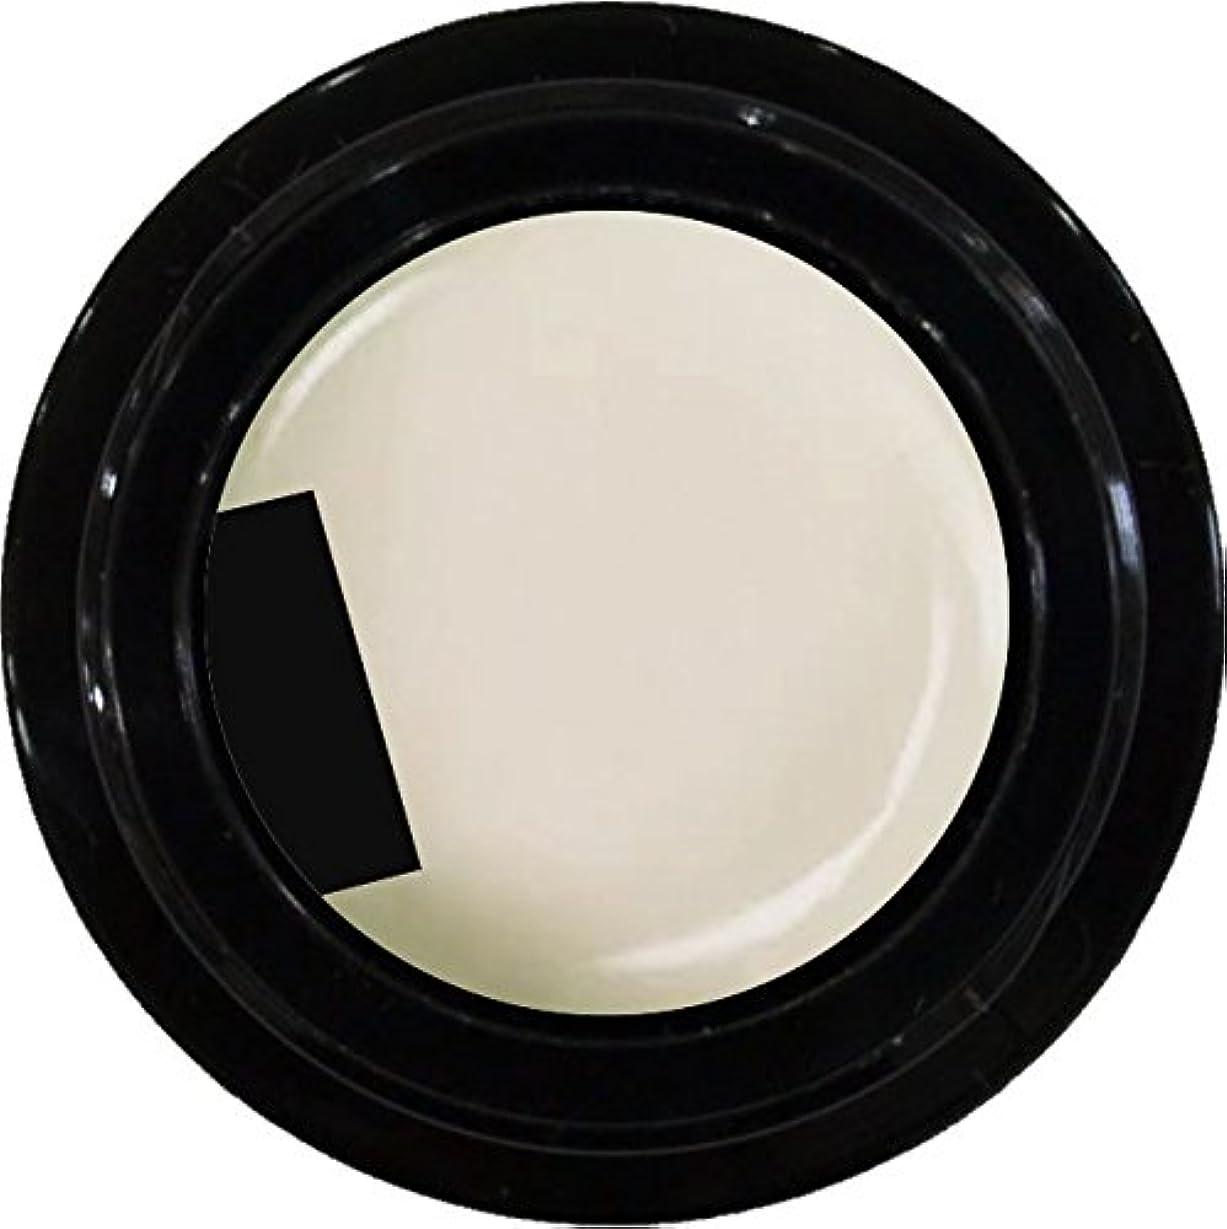 住所醜い勇気のあるカラージェル enchant color gel M006 MilkyWhite 3g/ マットカラージェル M006 ミルキーホワイト 3グラム